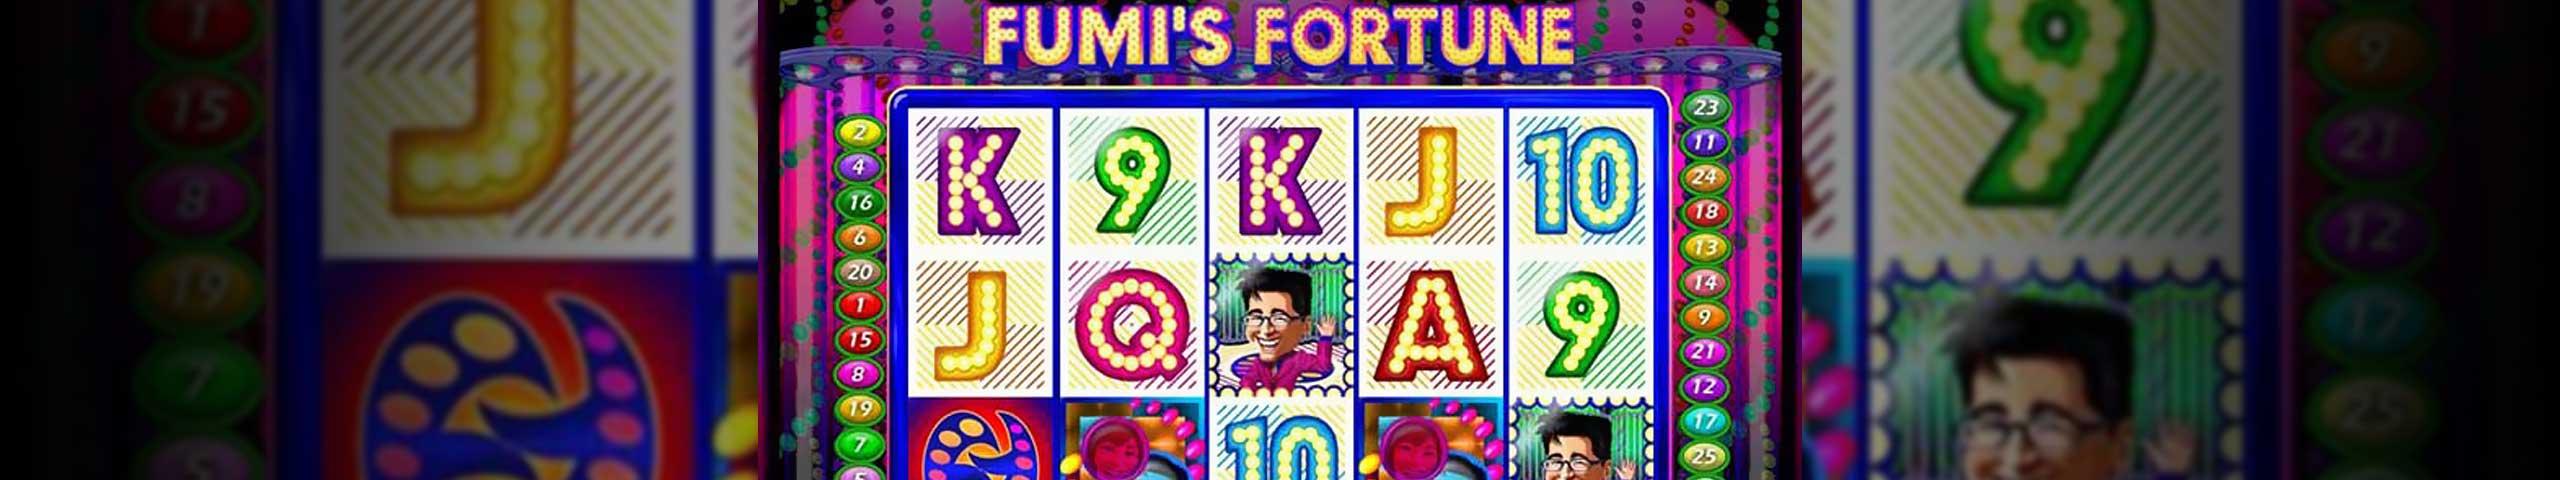 Norske spilleautomater Fumi's Fortune, Cryptologic Slider - Himmelspill.com